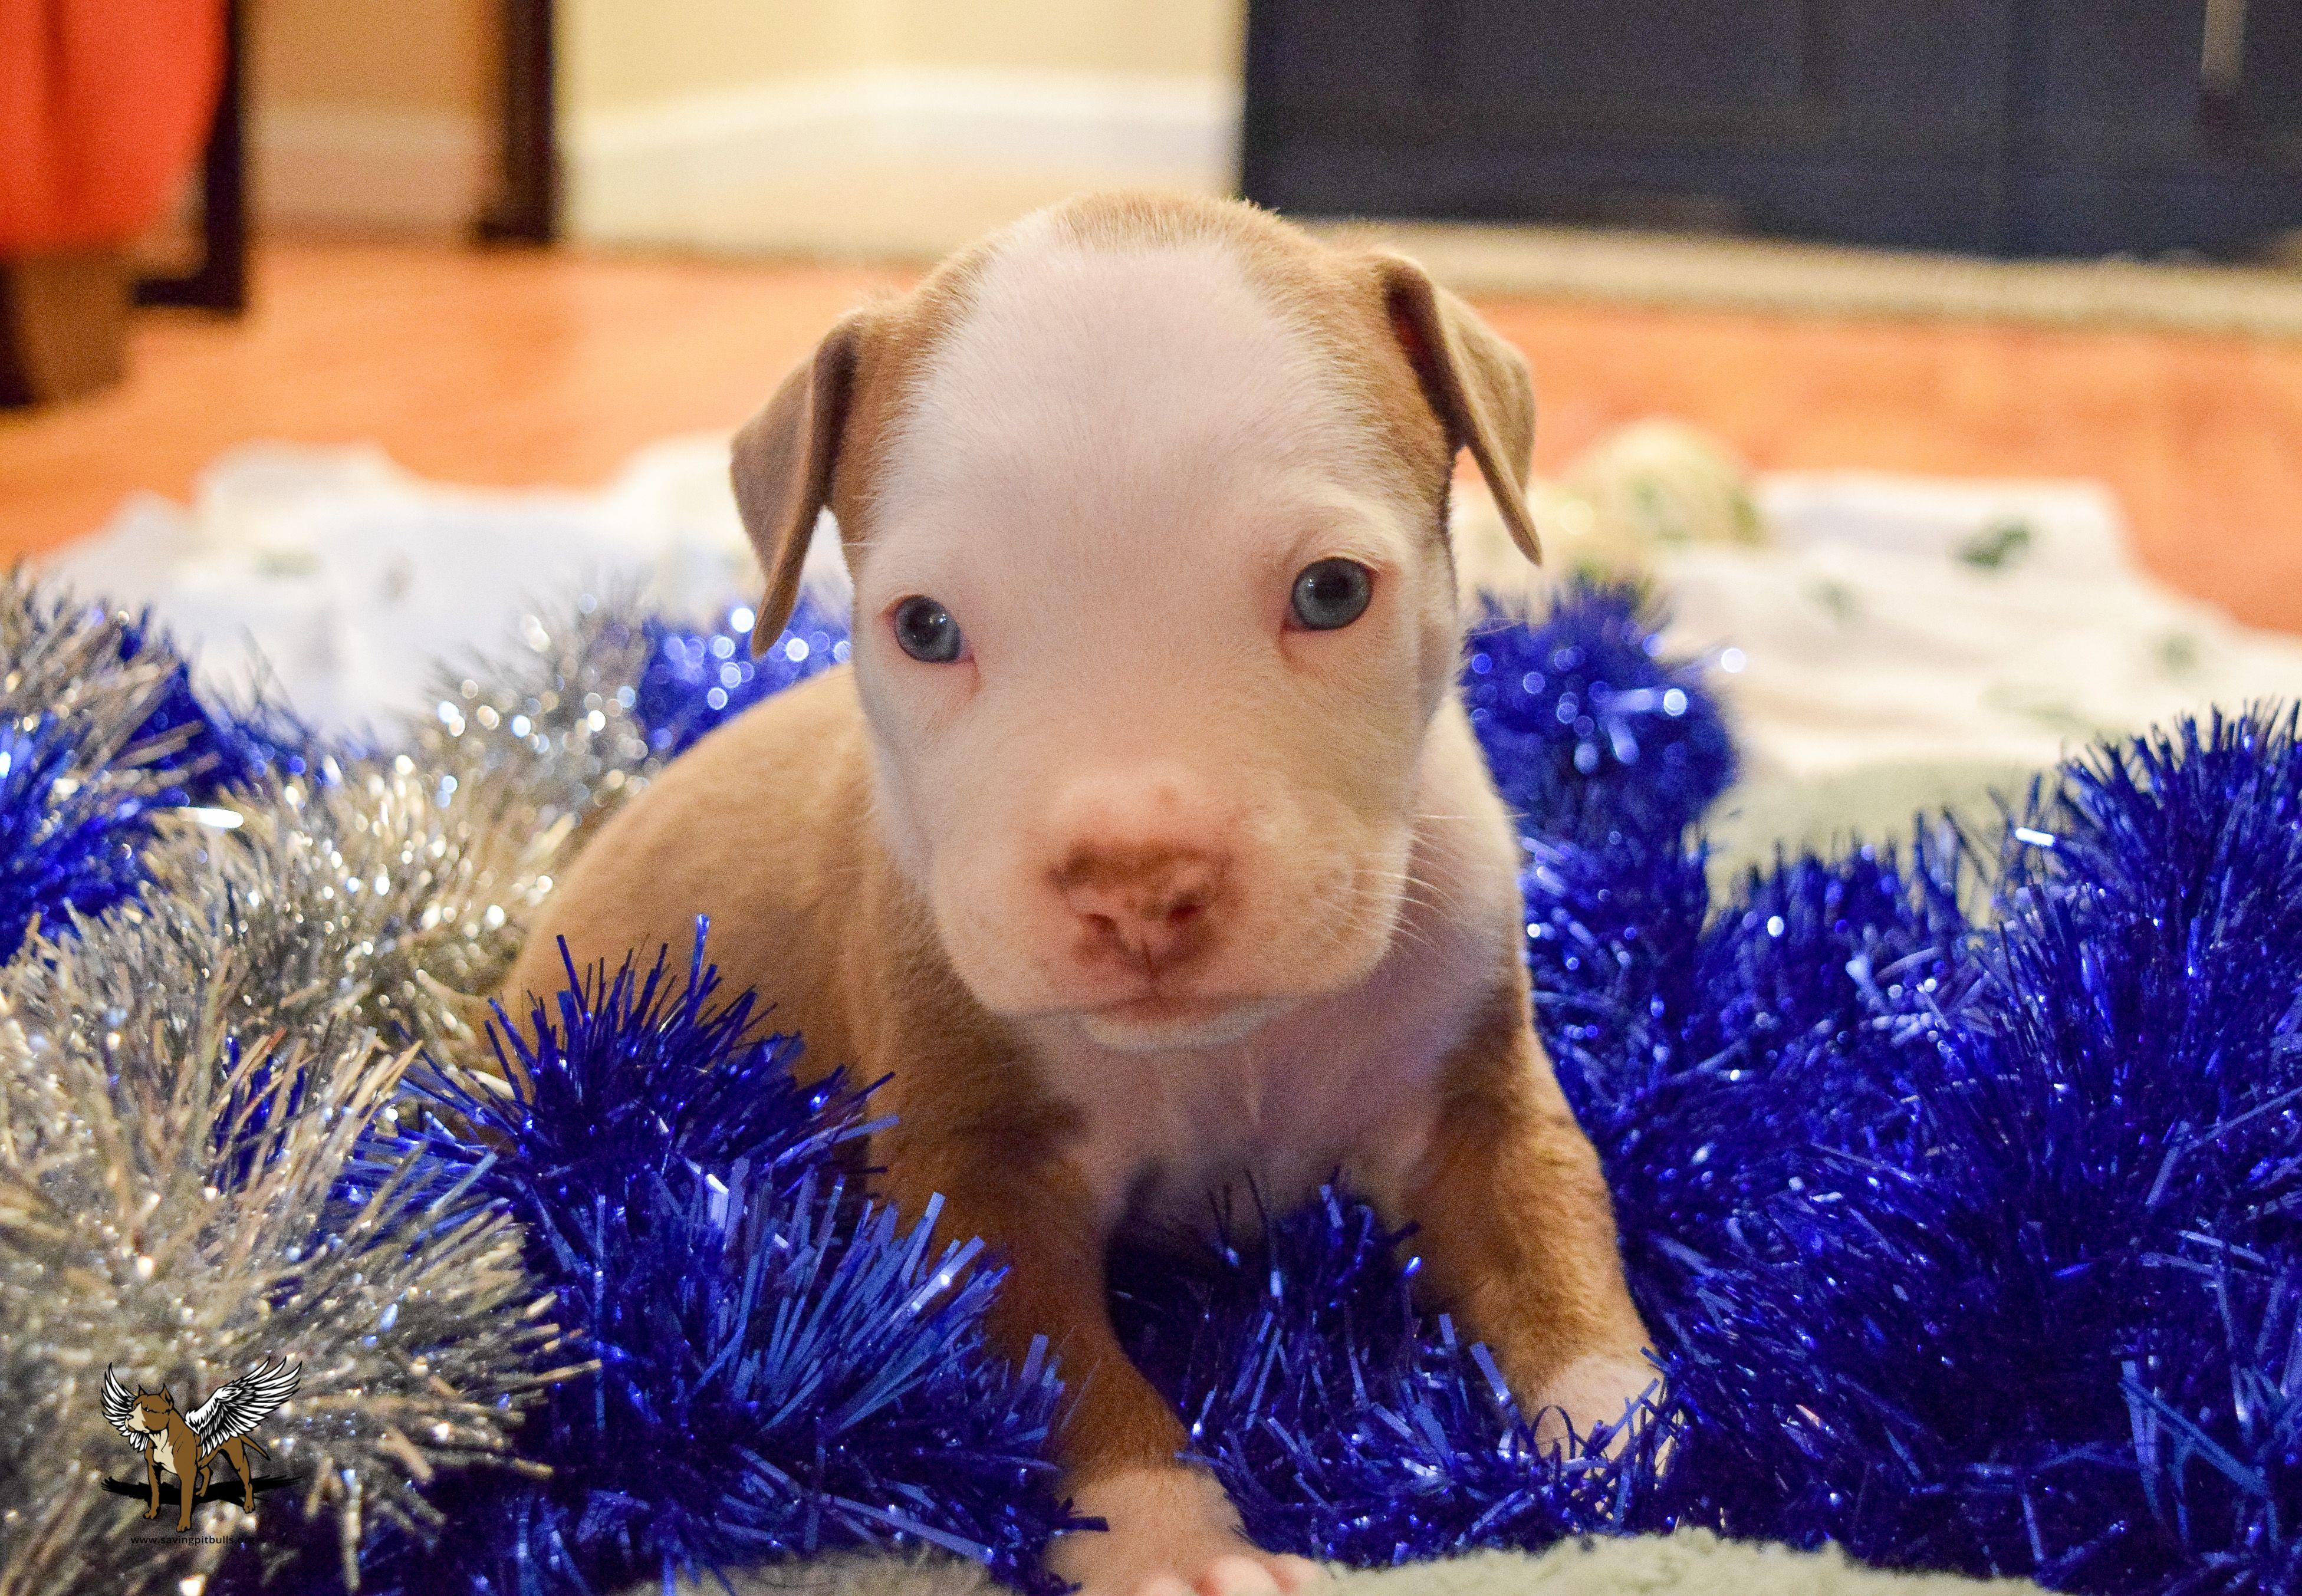 Born Oct 30 2016 Pitbull Puppy Friends To The Forlorn Pitbull Rescue Adopt Foster Rescue Fttf Pitbull Rescue Puppy Friends Pitbulls